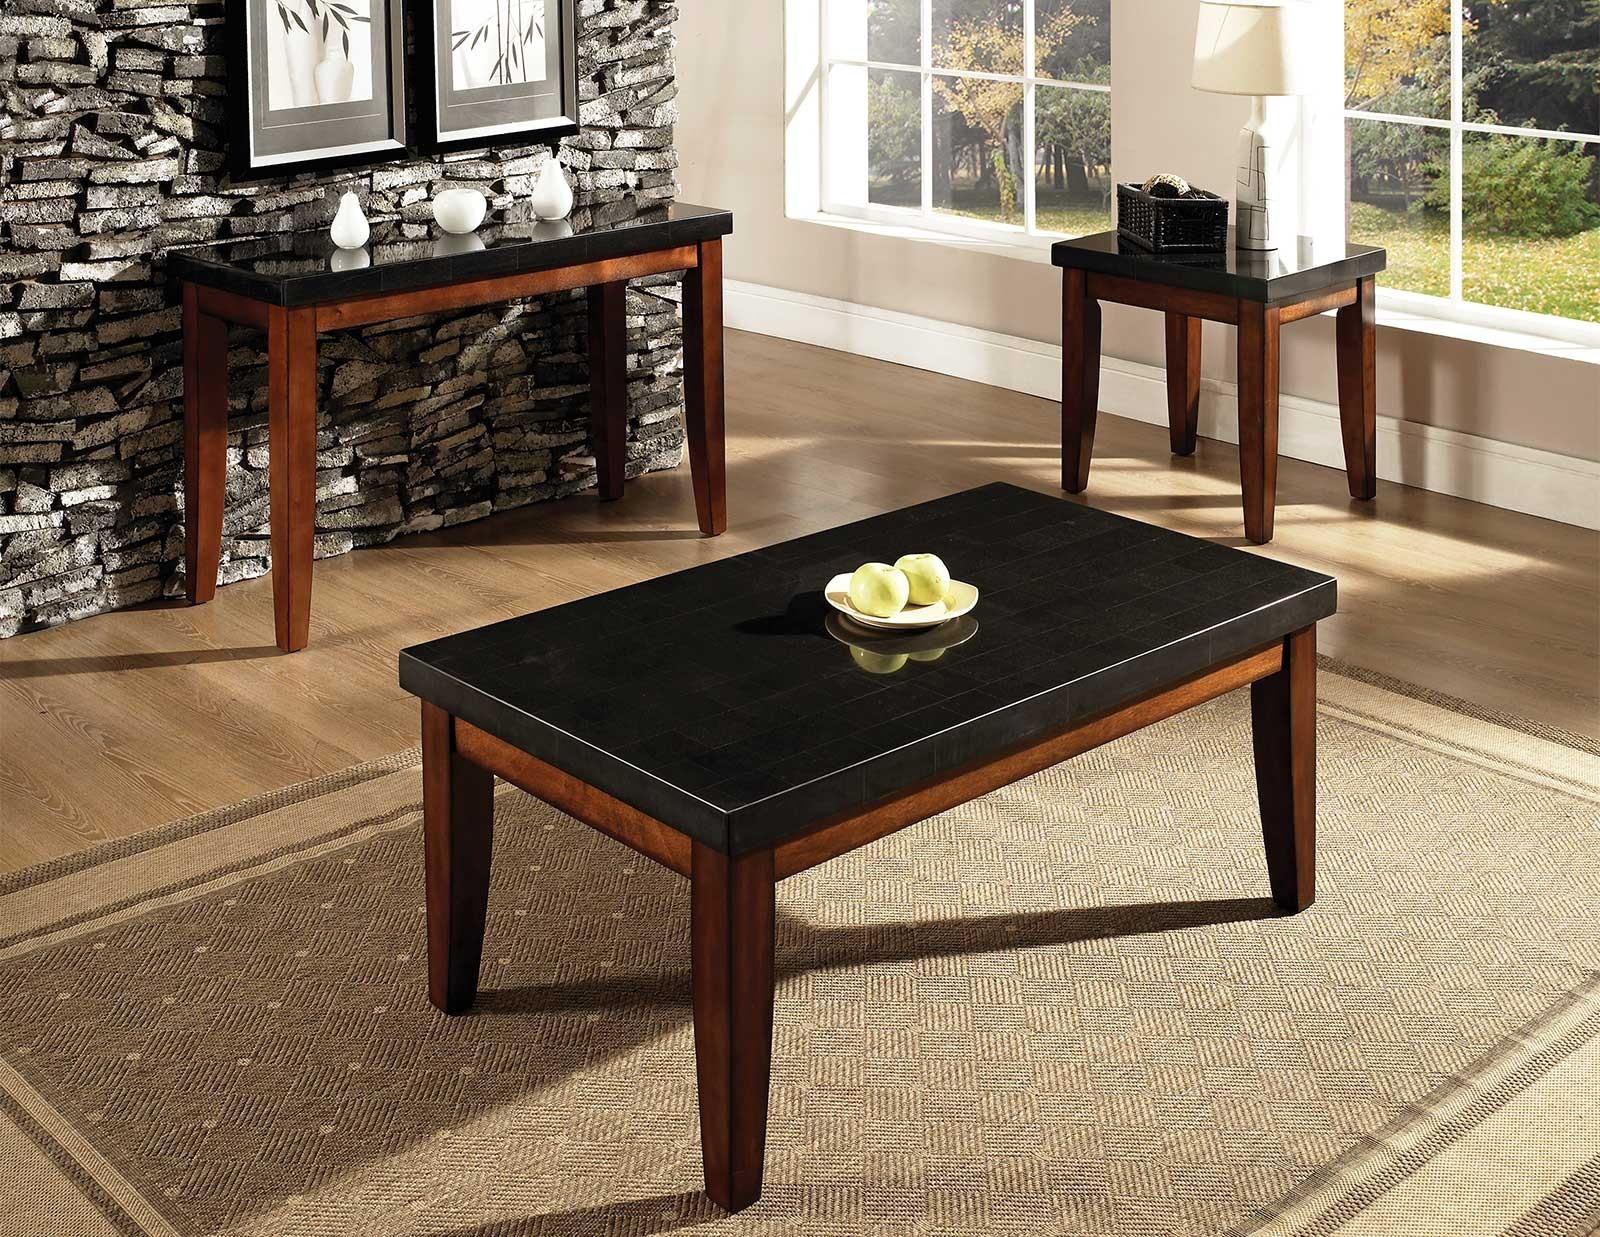 Prostokątny stół w blatem z granitu